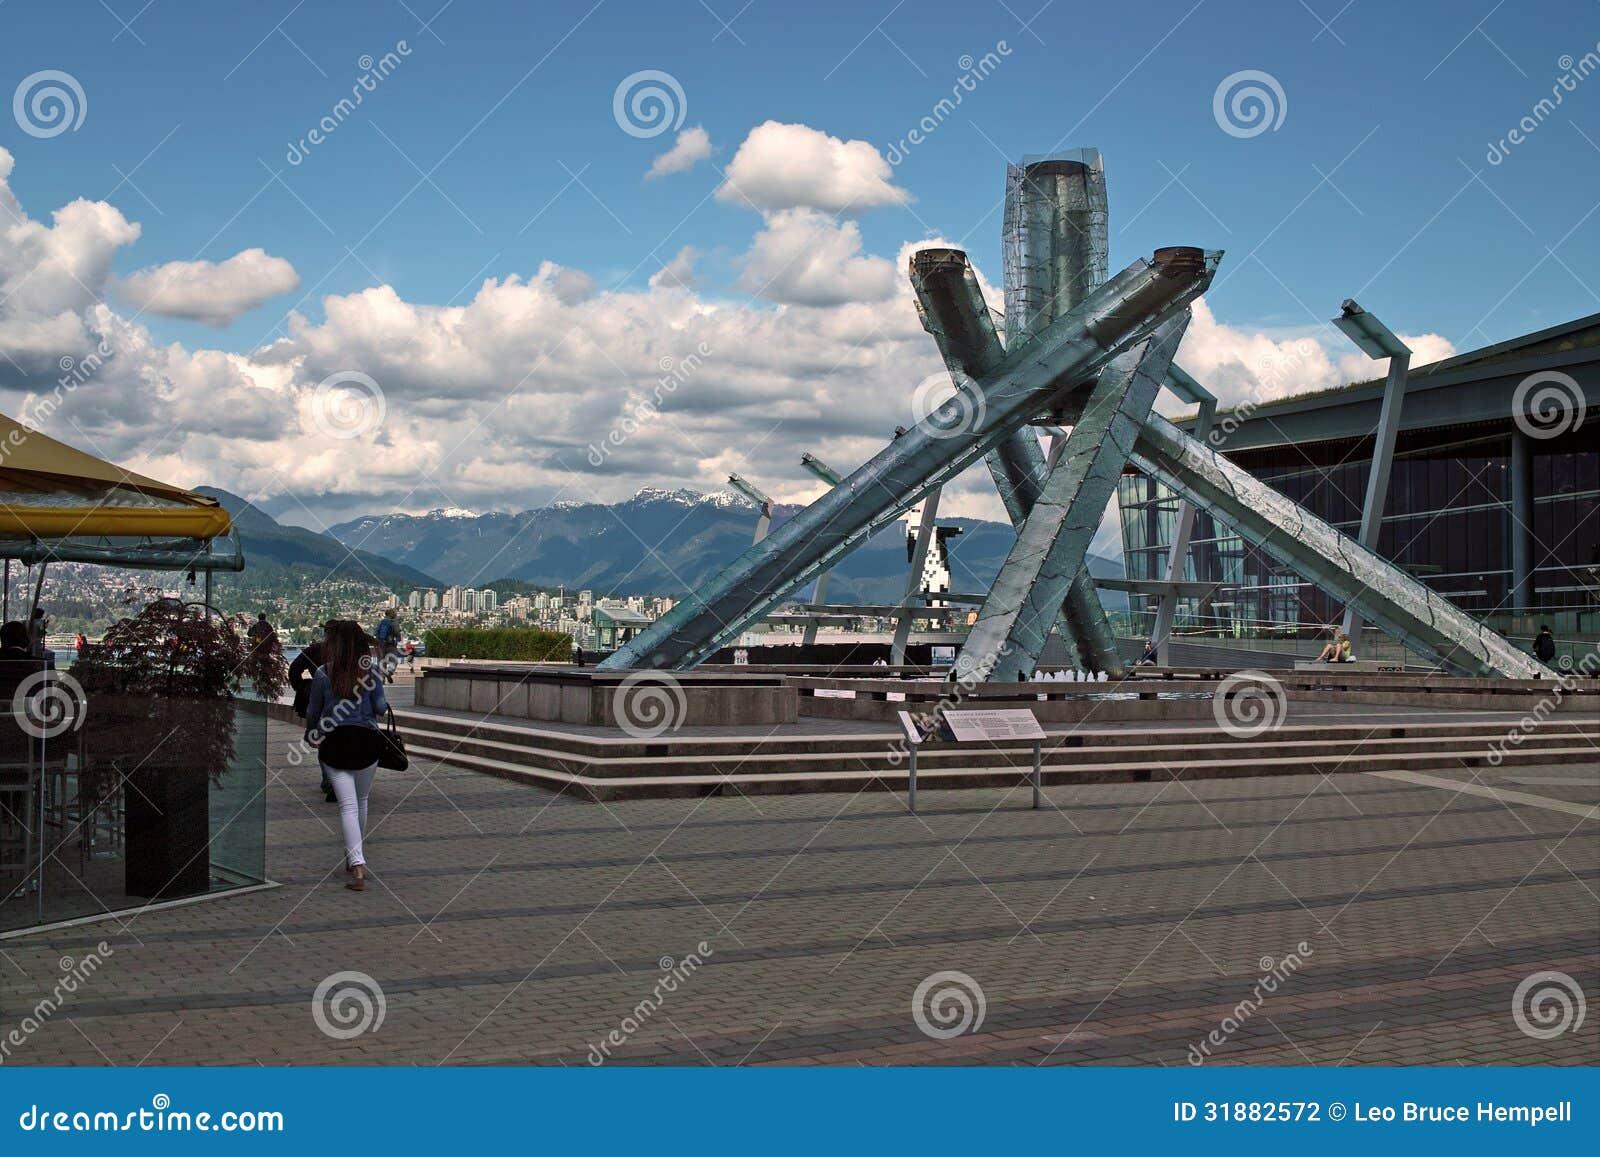 2010 olimpiad zimowych pochodnia, Vancouver BC Kanada